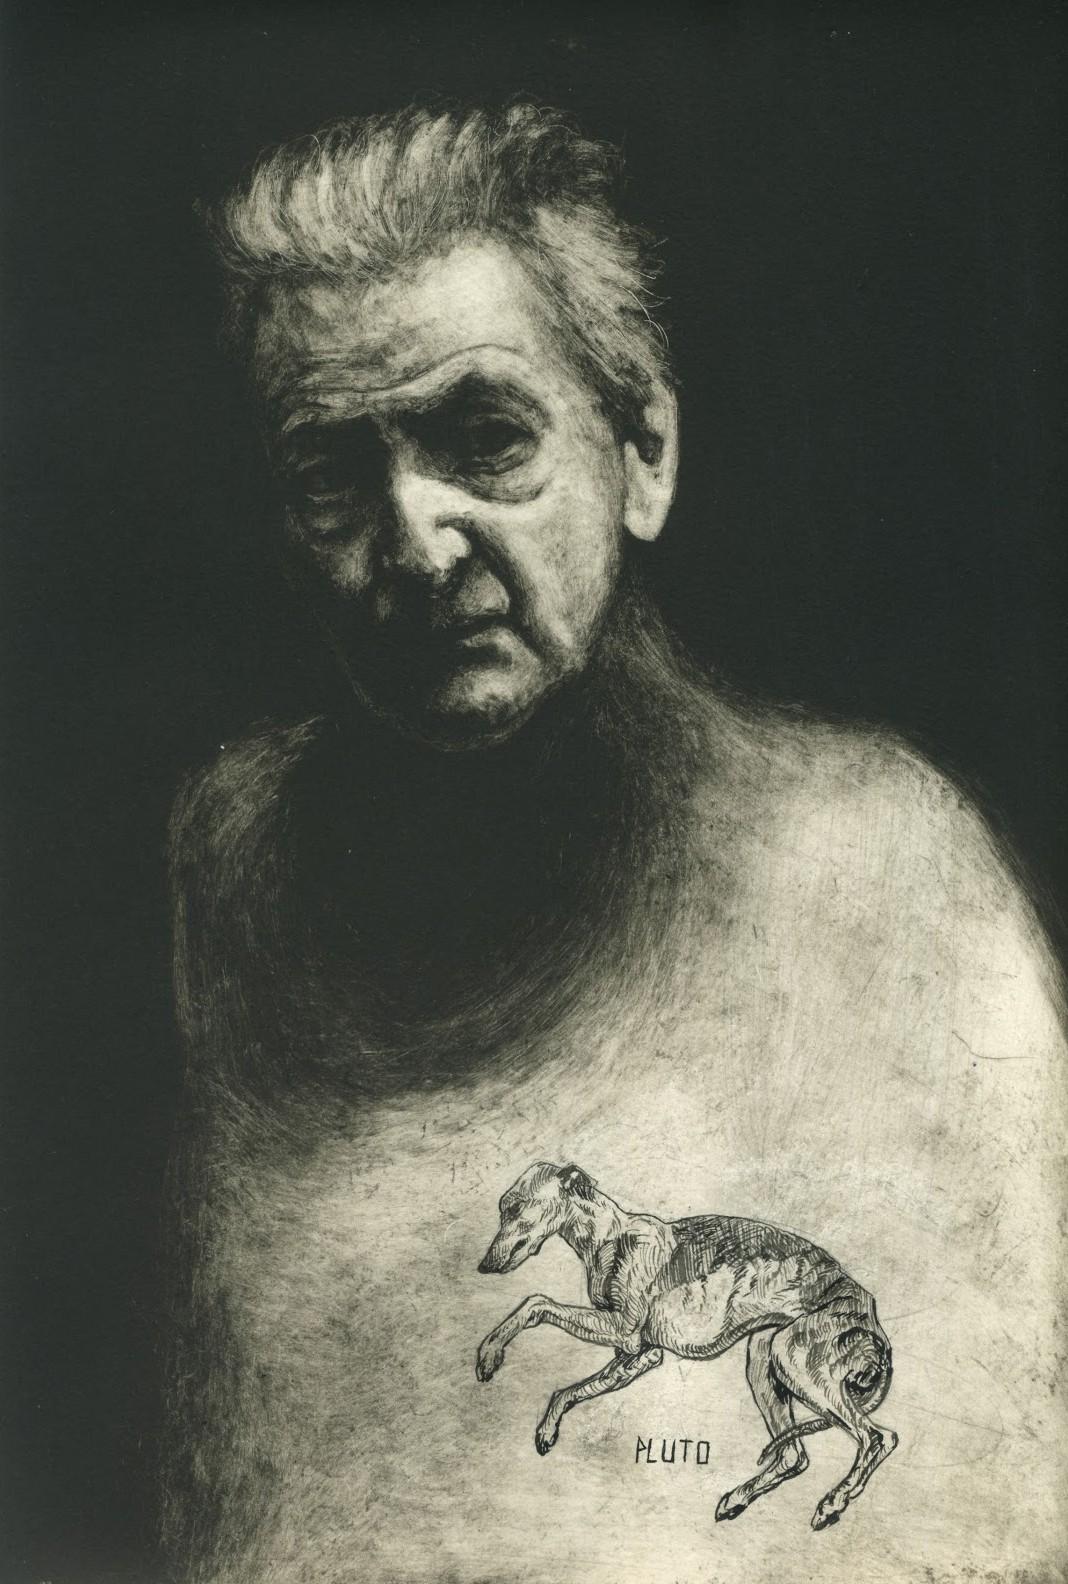 татуированные художники, Люсьен Майкл Фрейд